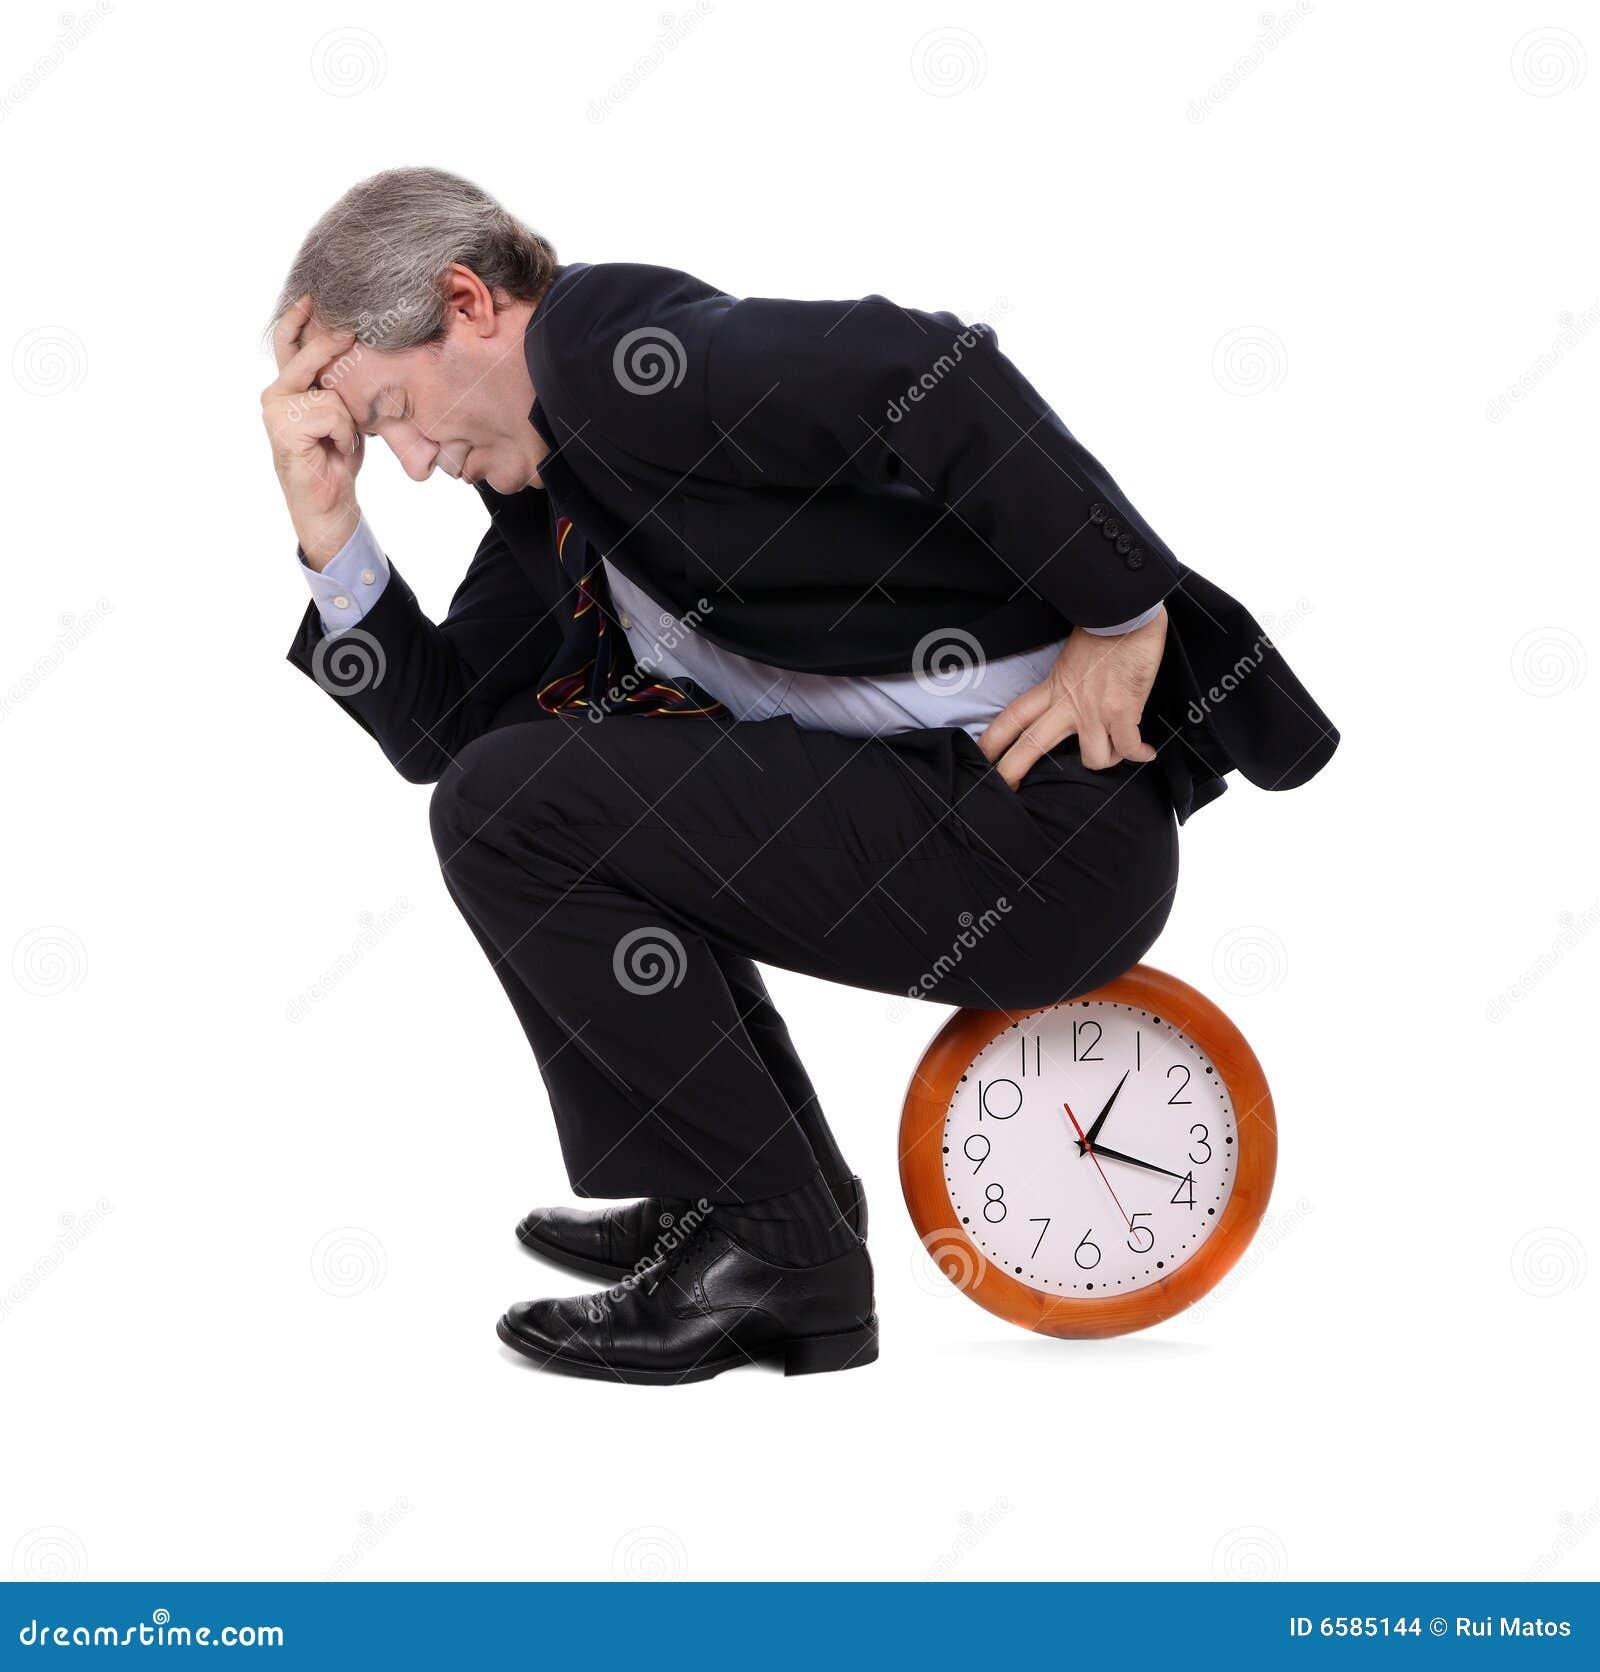 Espera do homem de negócios assentada em um pulso de disparo